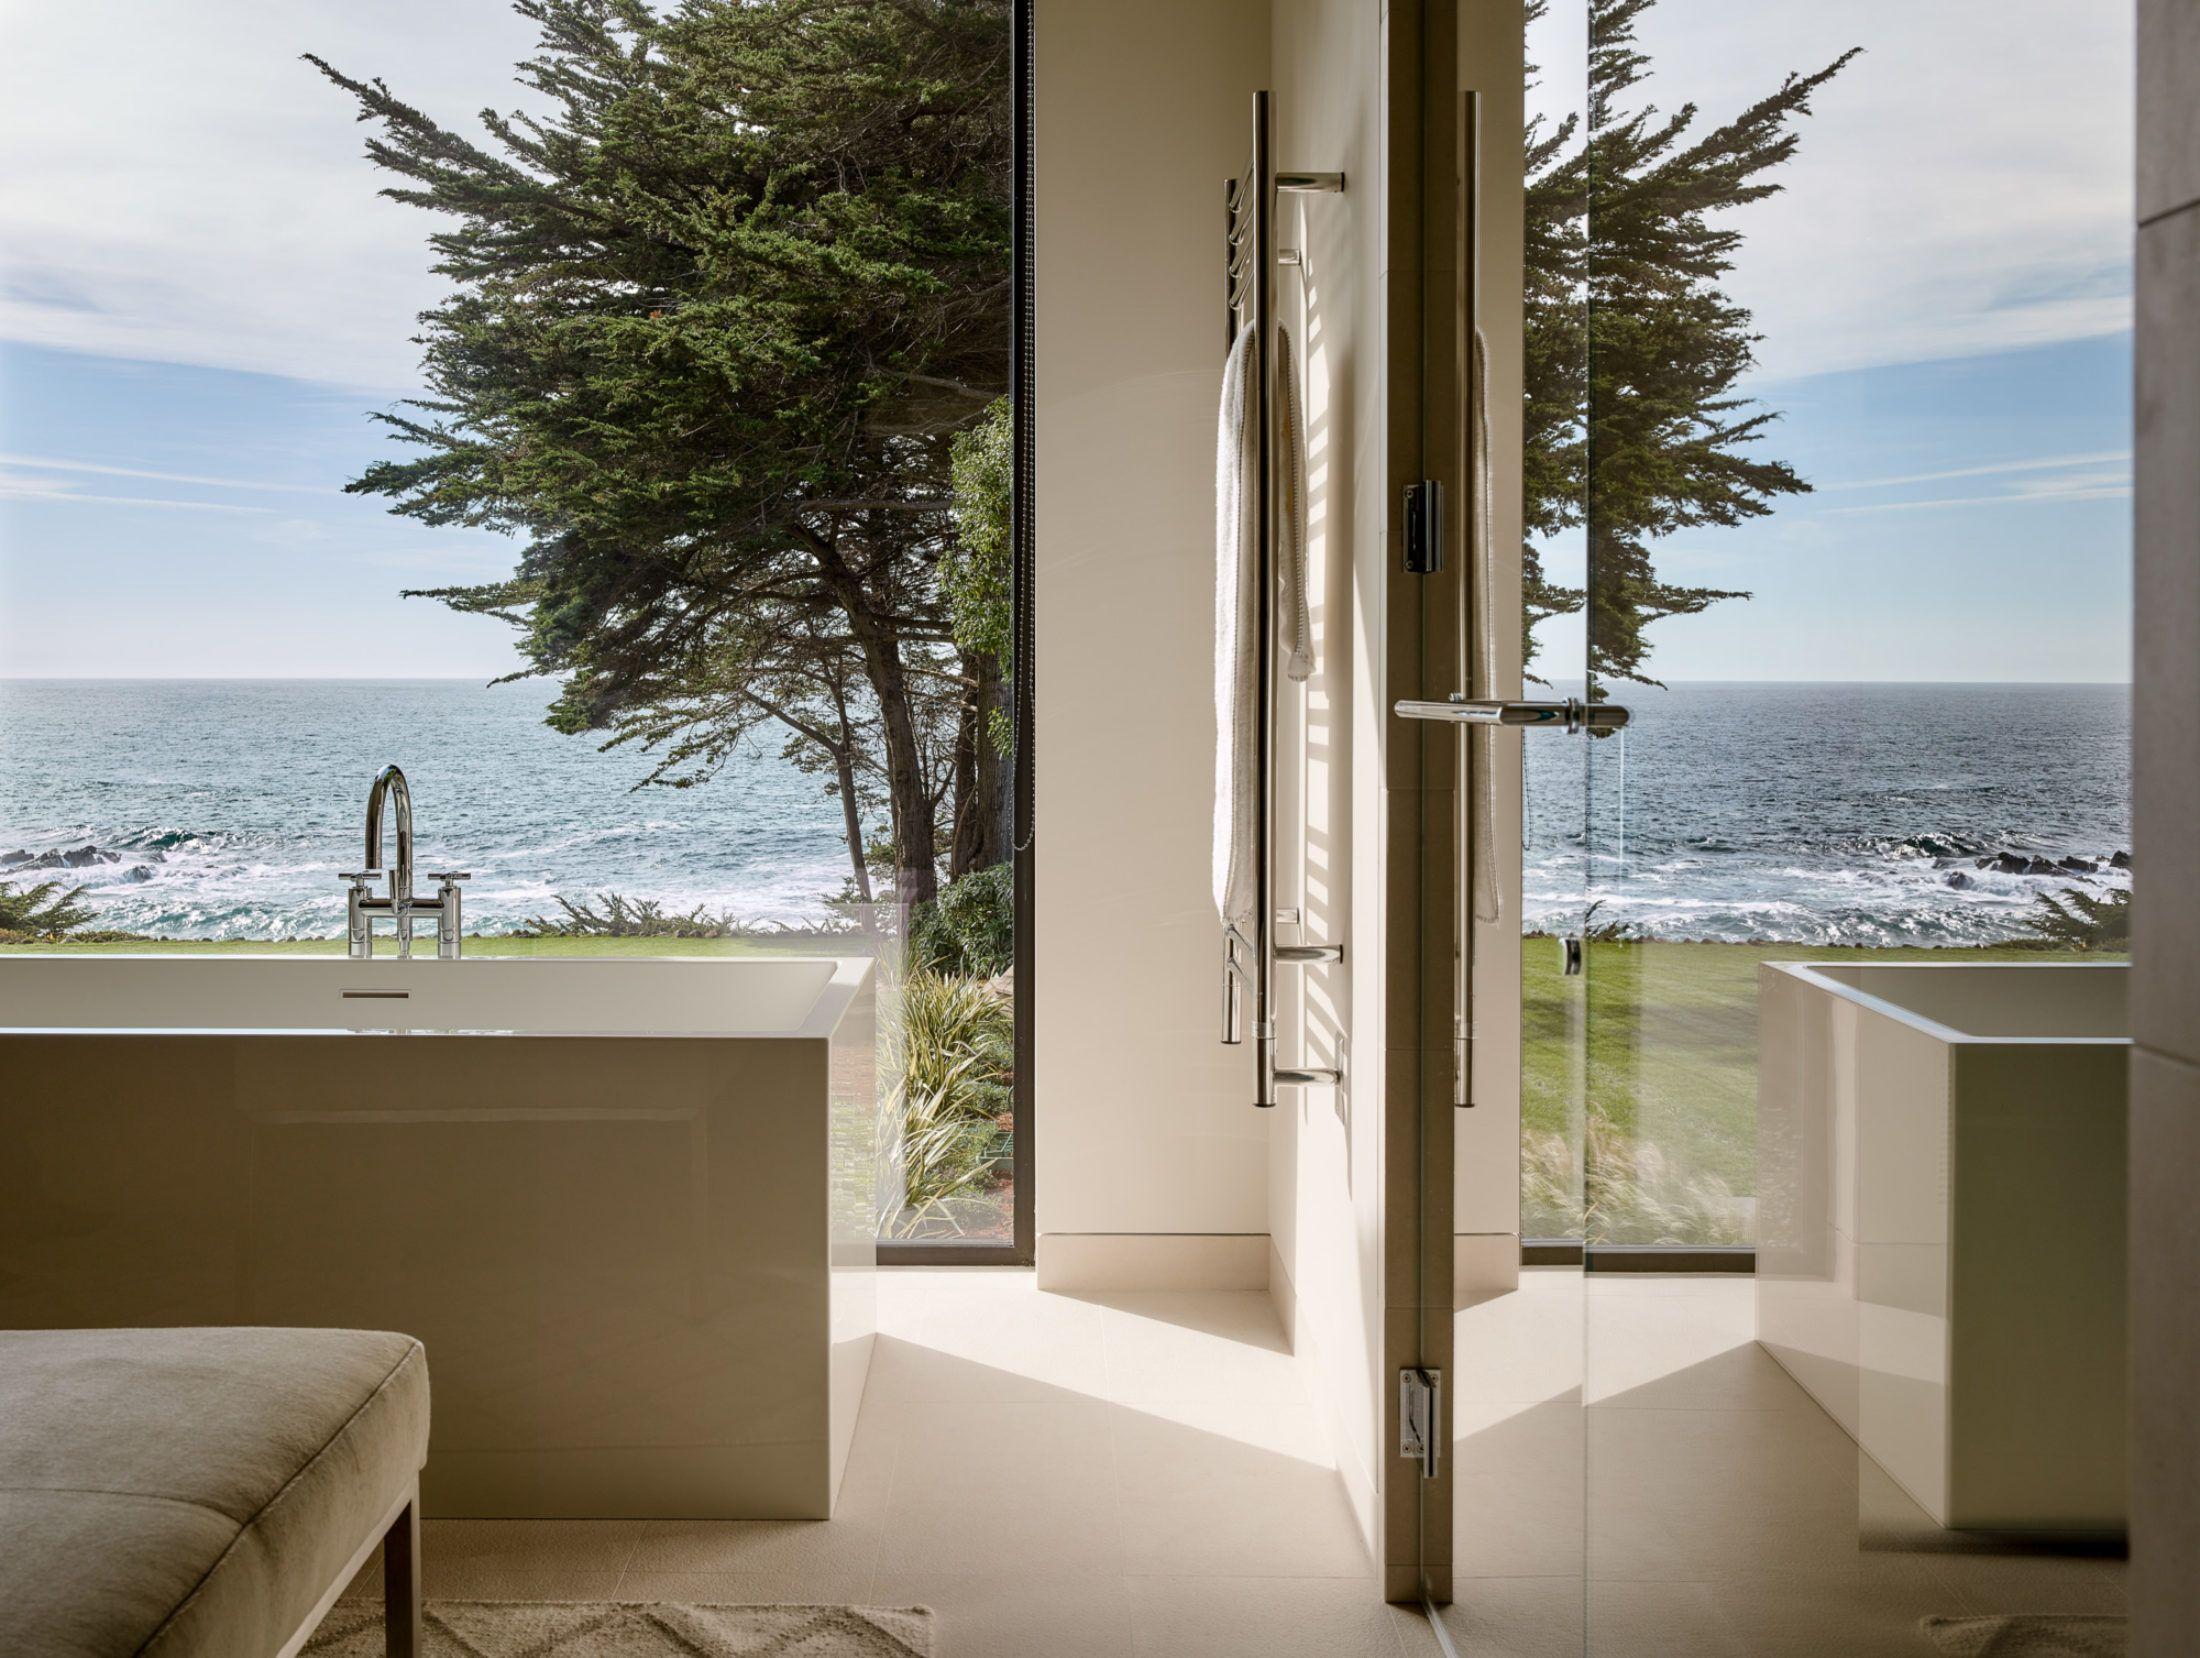 Sea Ranch Escape Butler Armsden Architects San Francisco